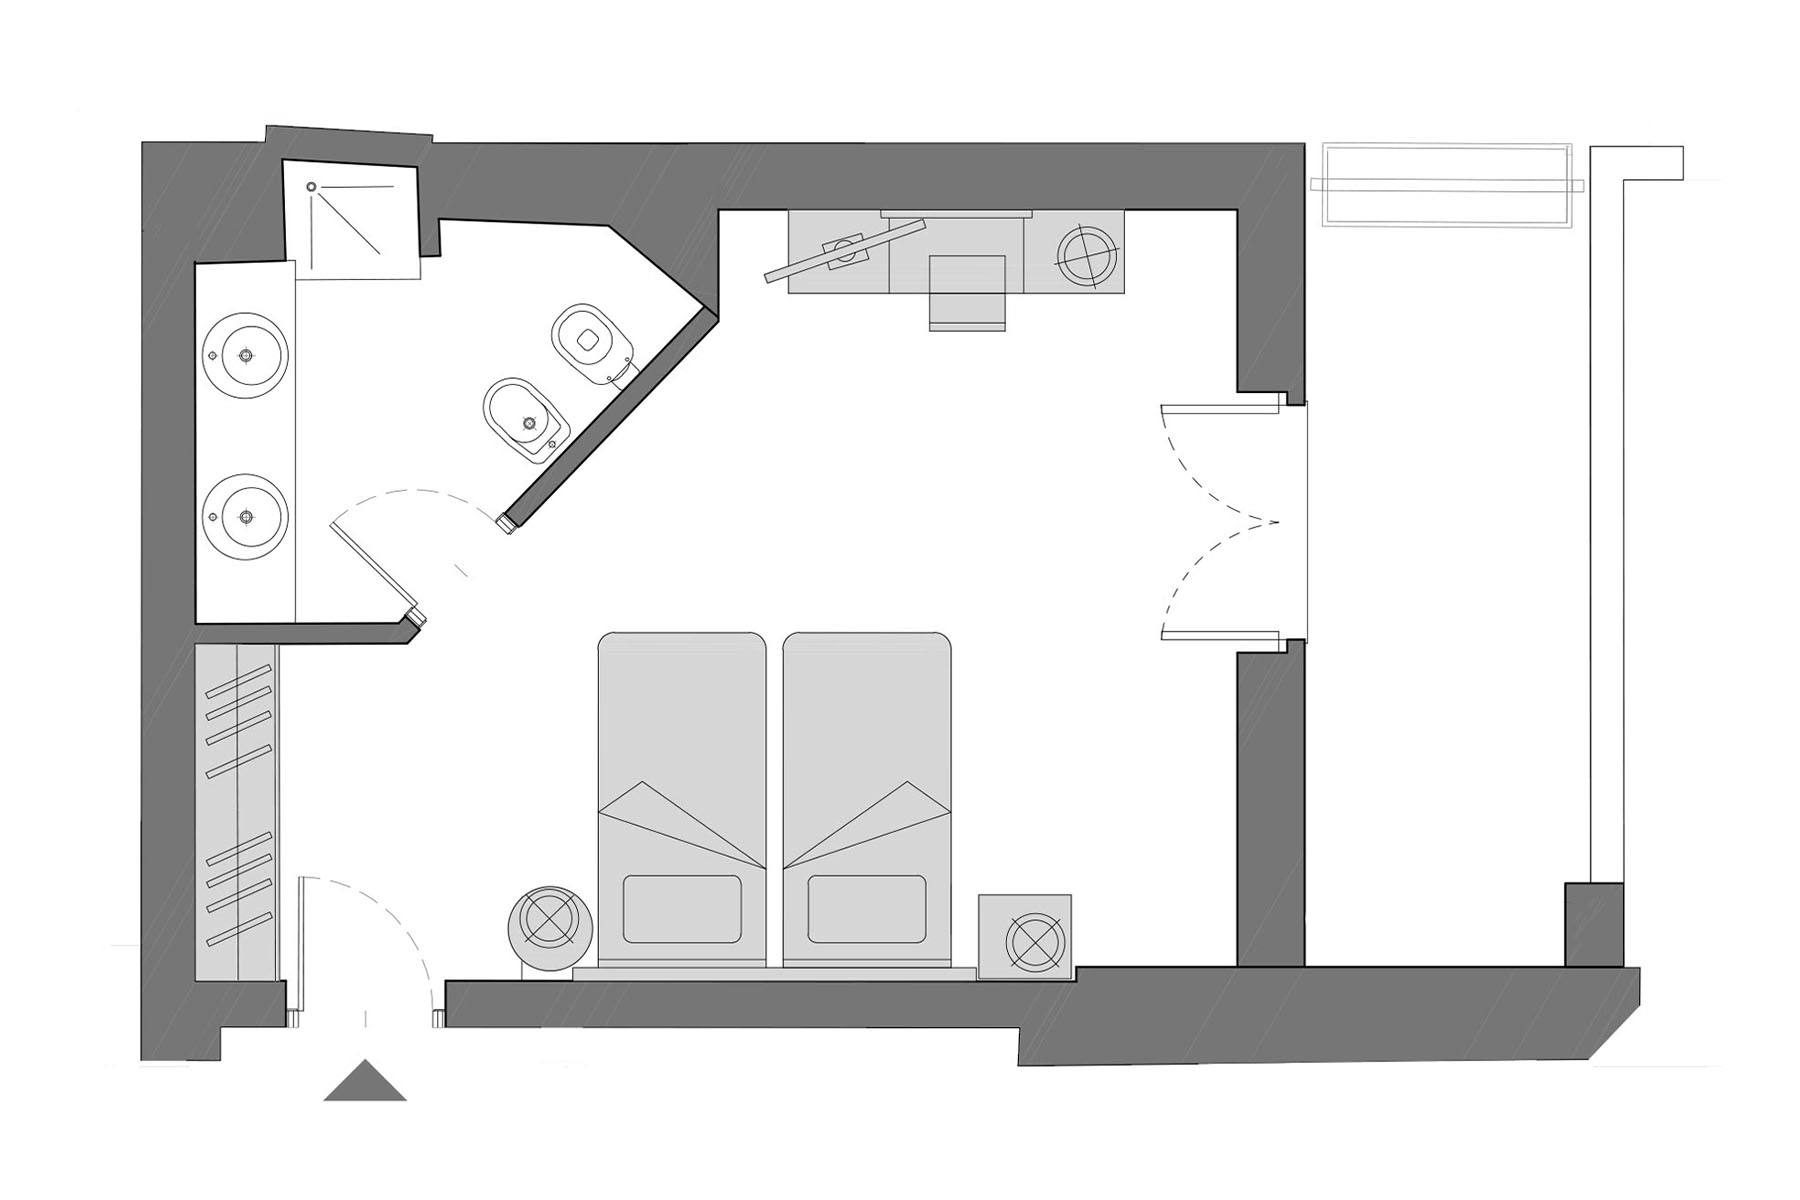 planimetria deluxe room